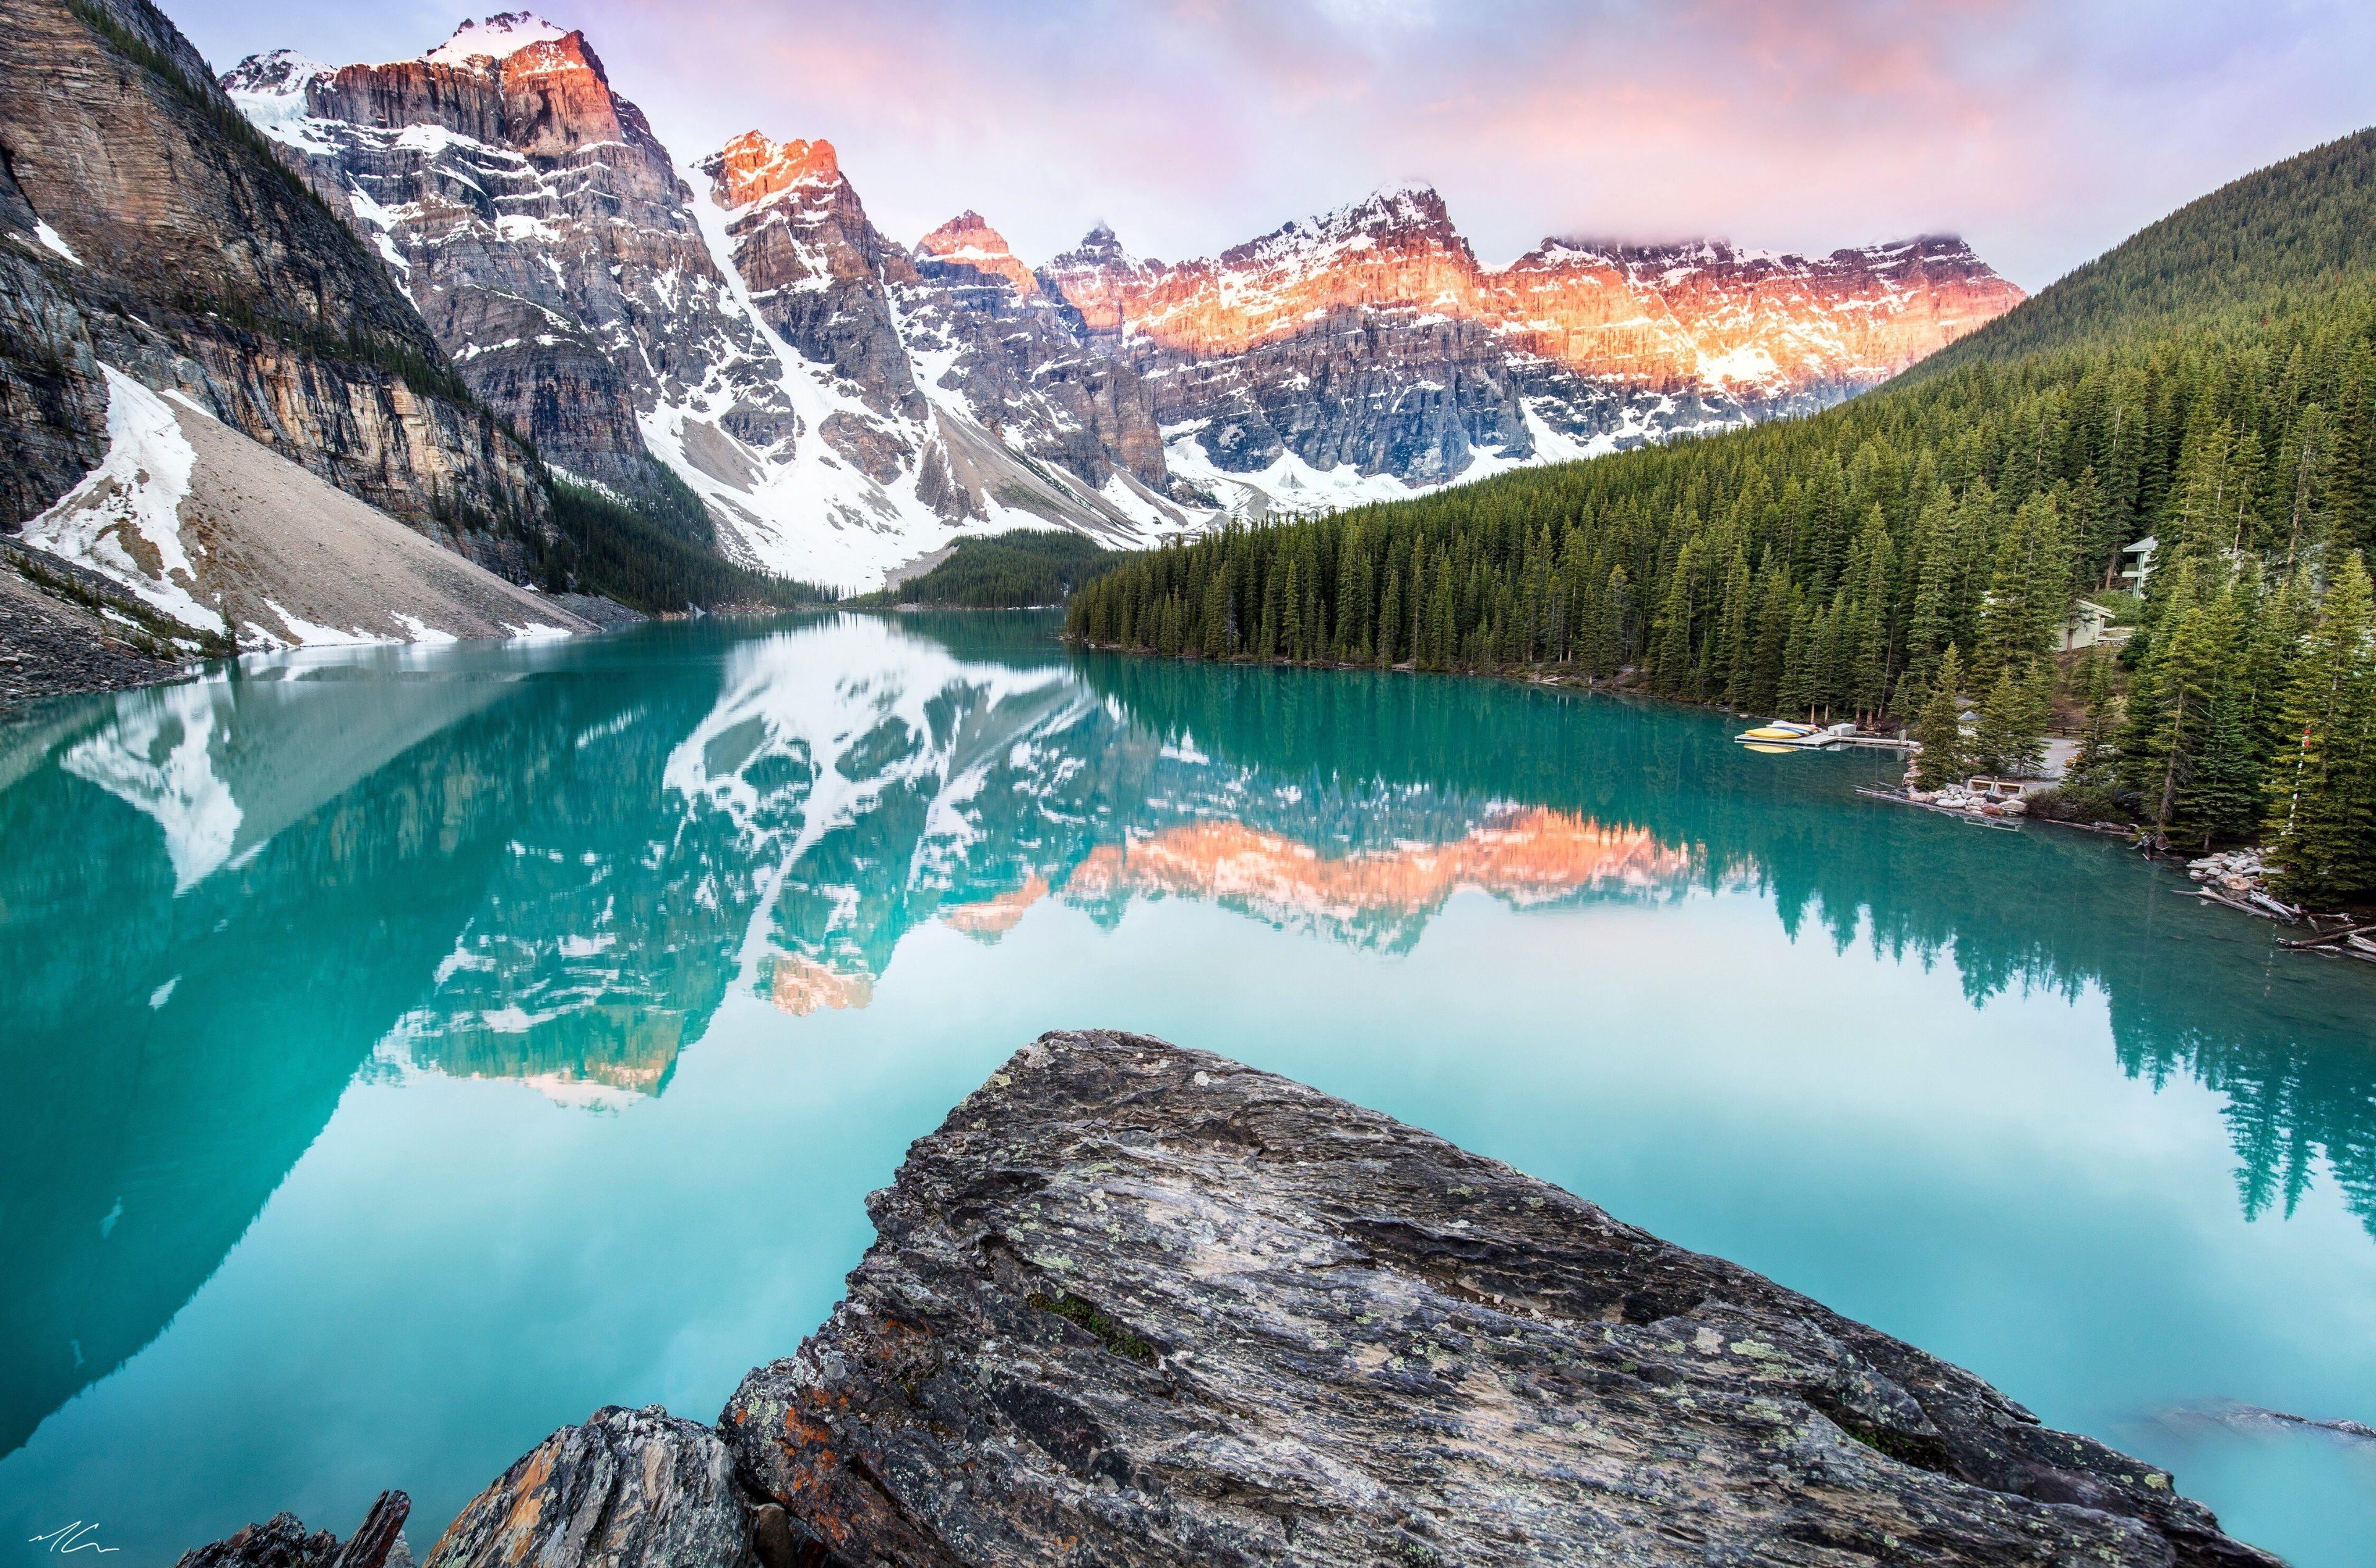 3840x2534 moraine lake 4k wallpaper for desktop background